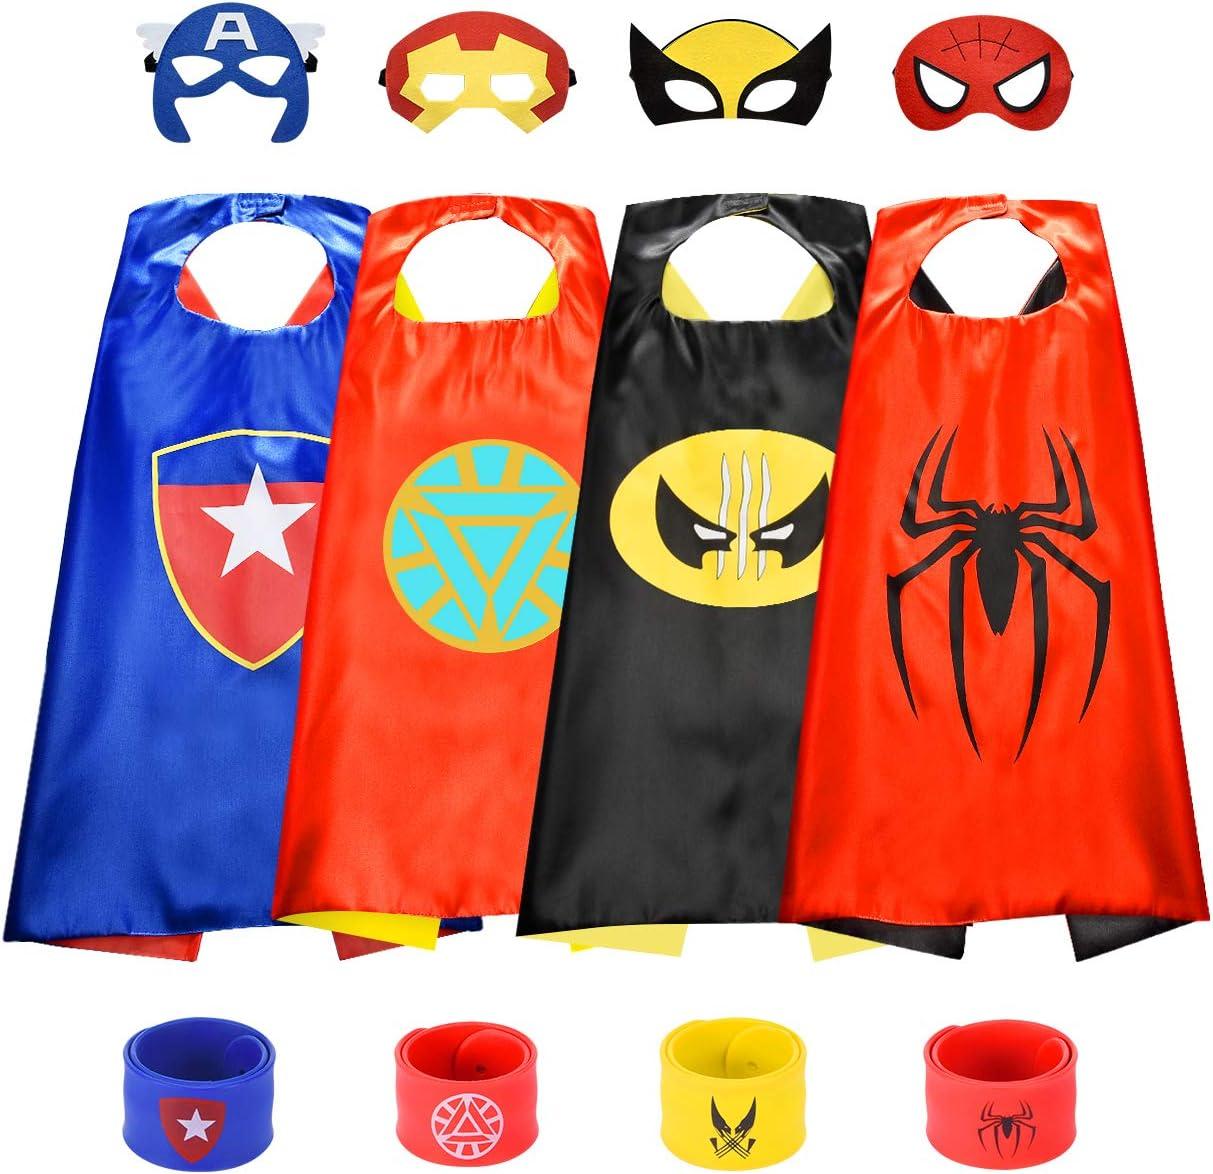 BOXYUEIN Capas de Superhéroe con Máscaras y Pulseras - Regalos para Cumpleaños Carnaval Fiesta